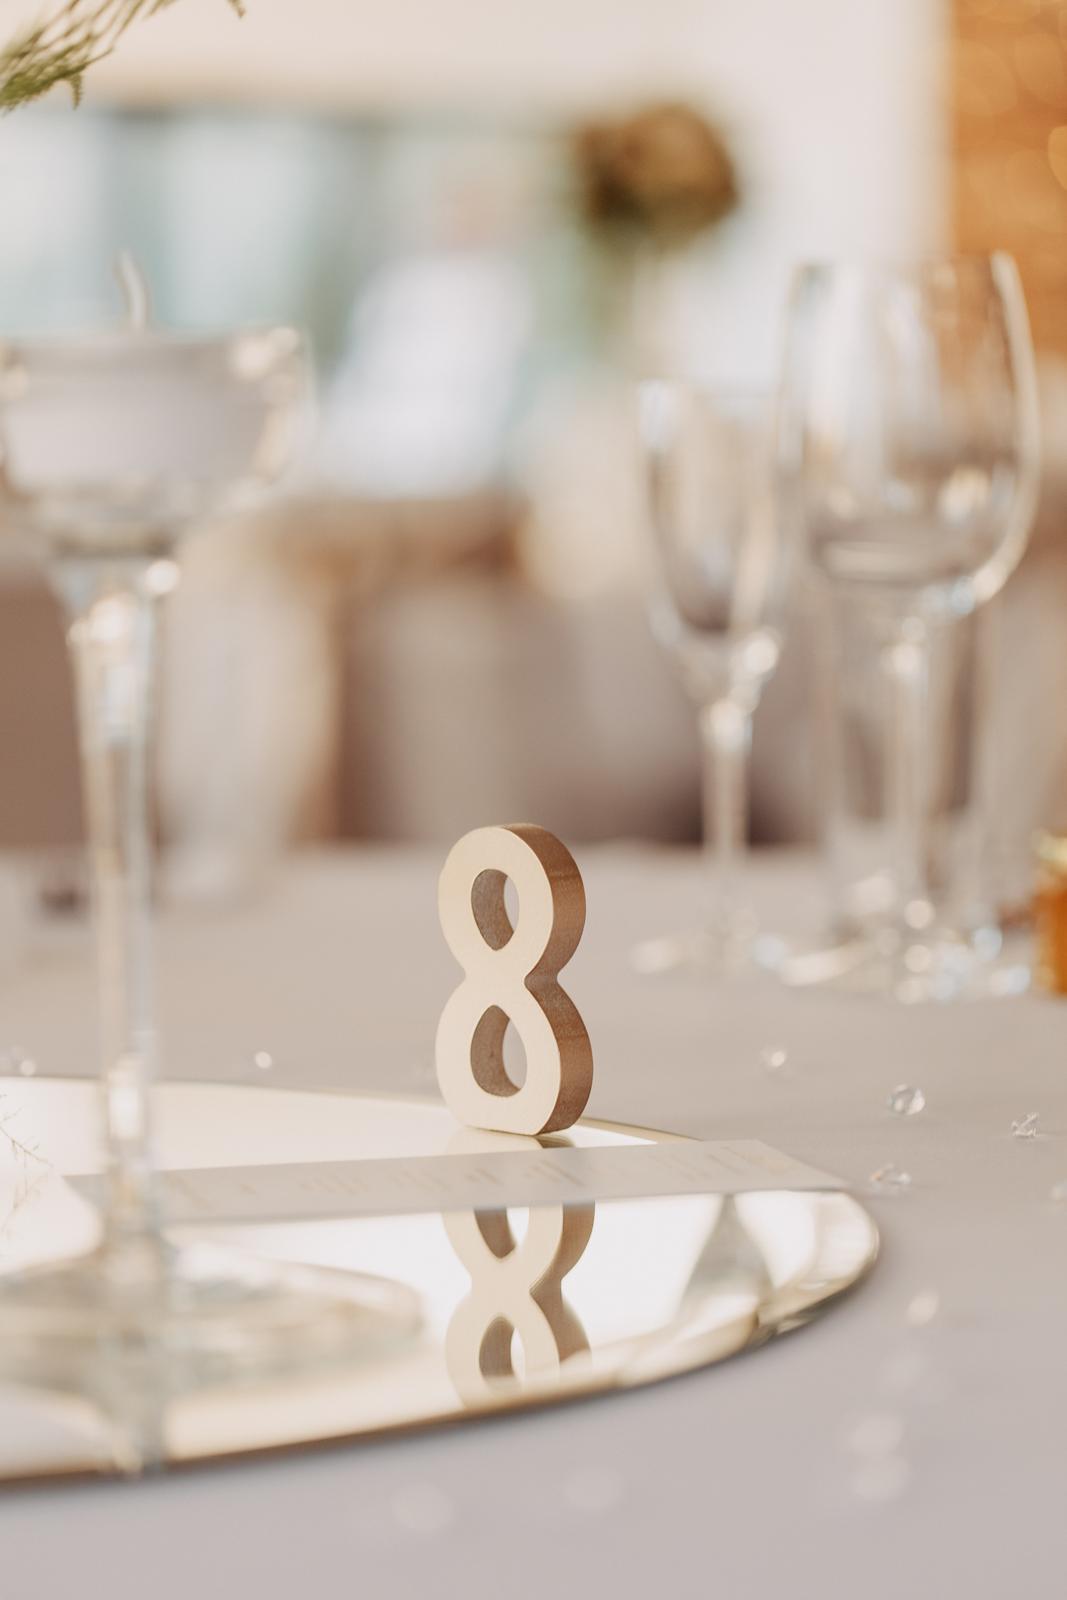 3D číslo na očíslovanie stolov - Obrázok č. 1